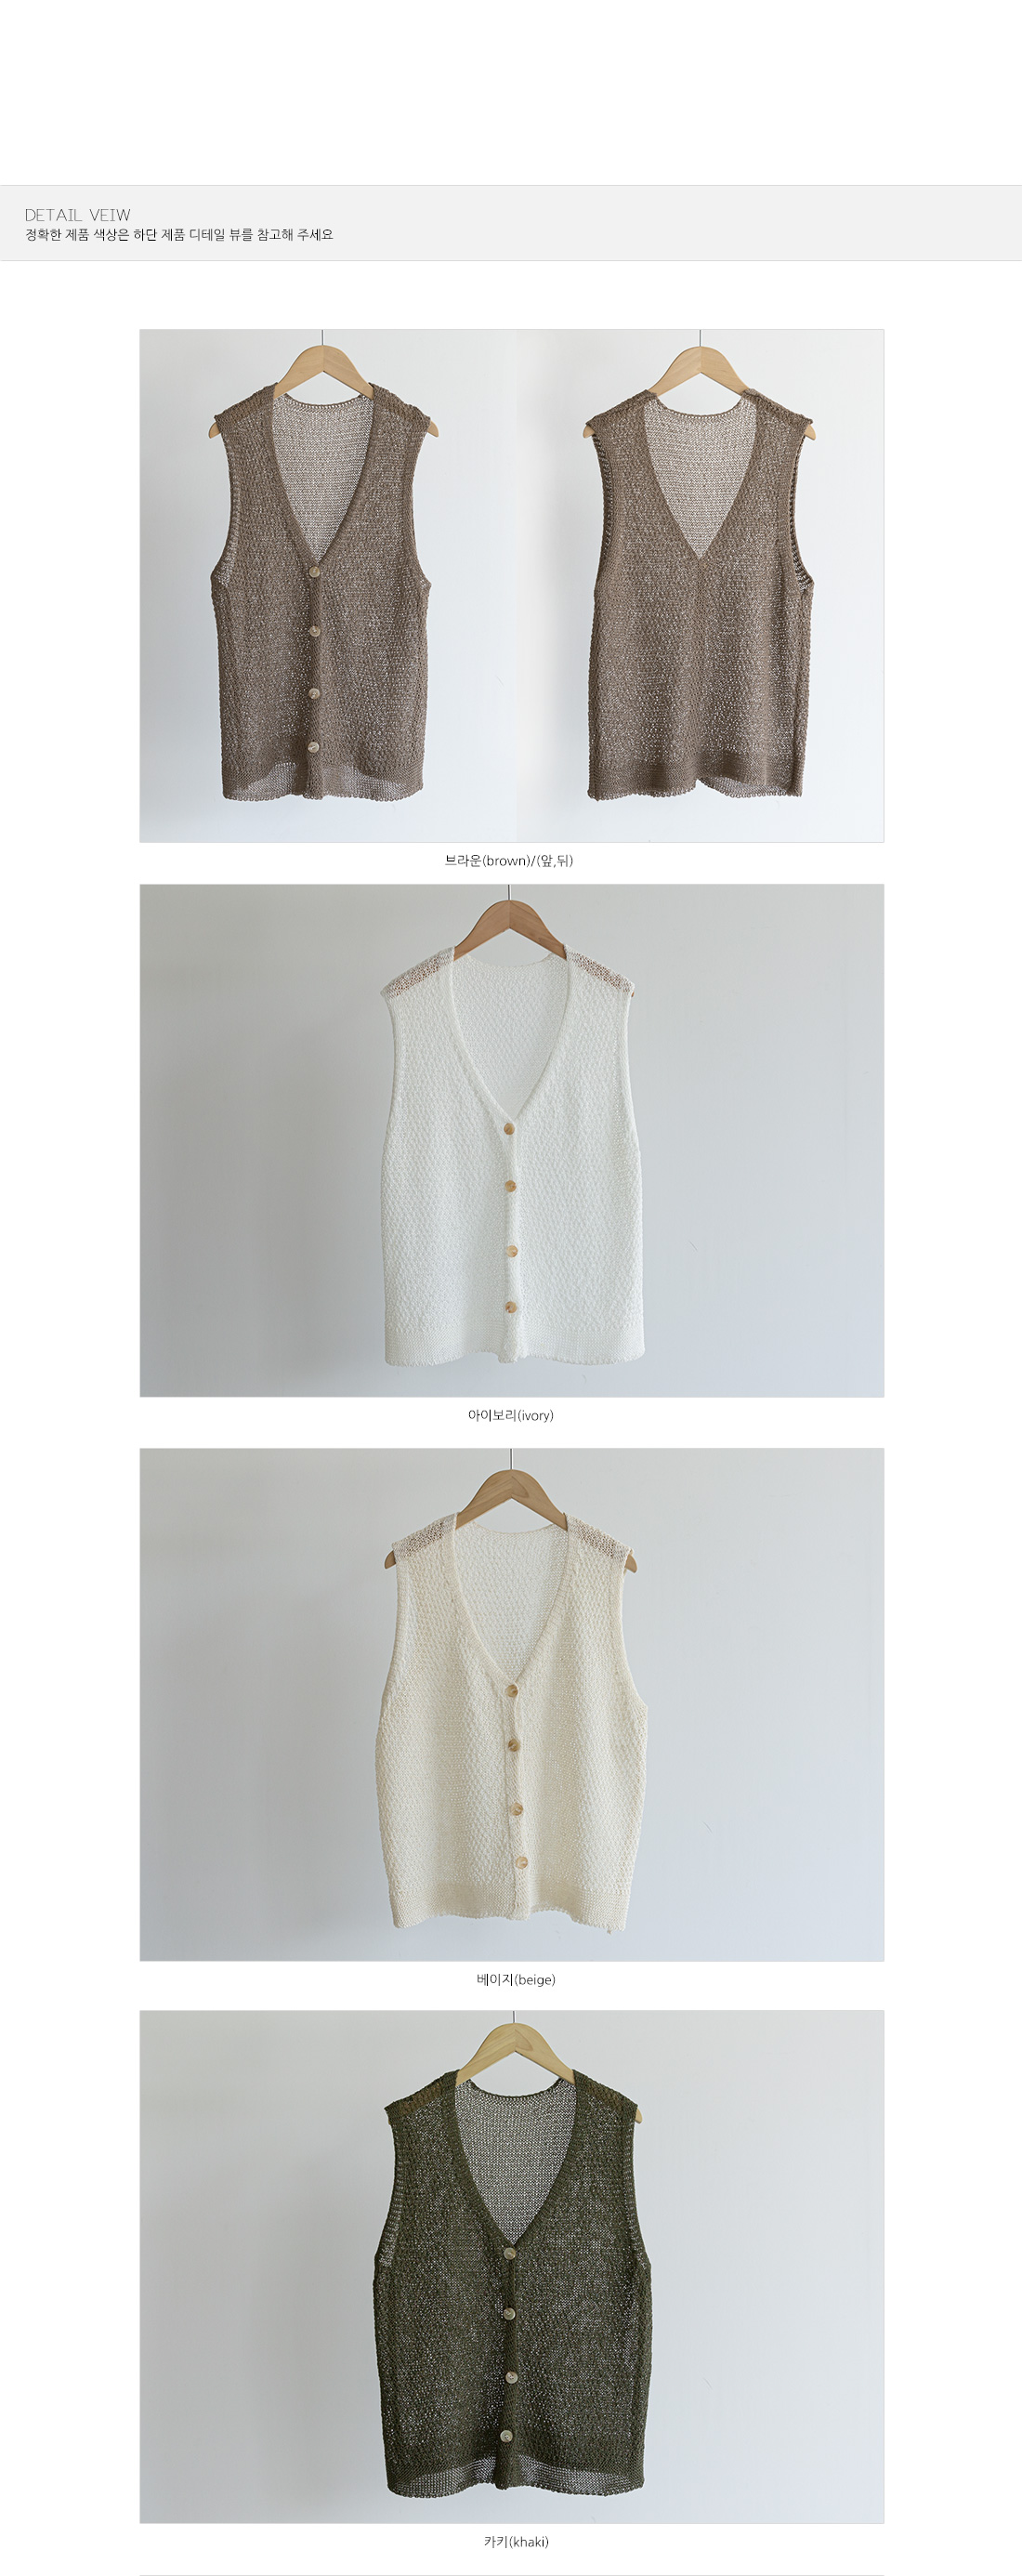 Net Summer Knitwear Vest #109167